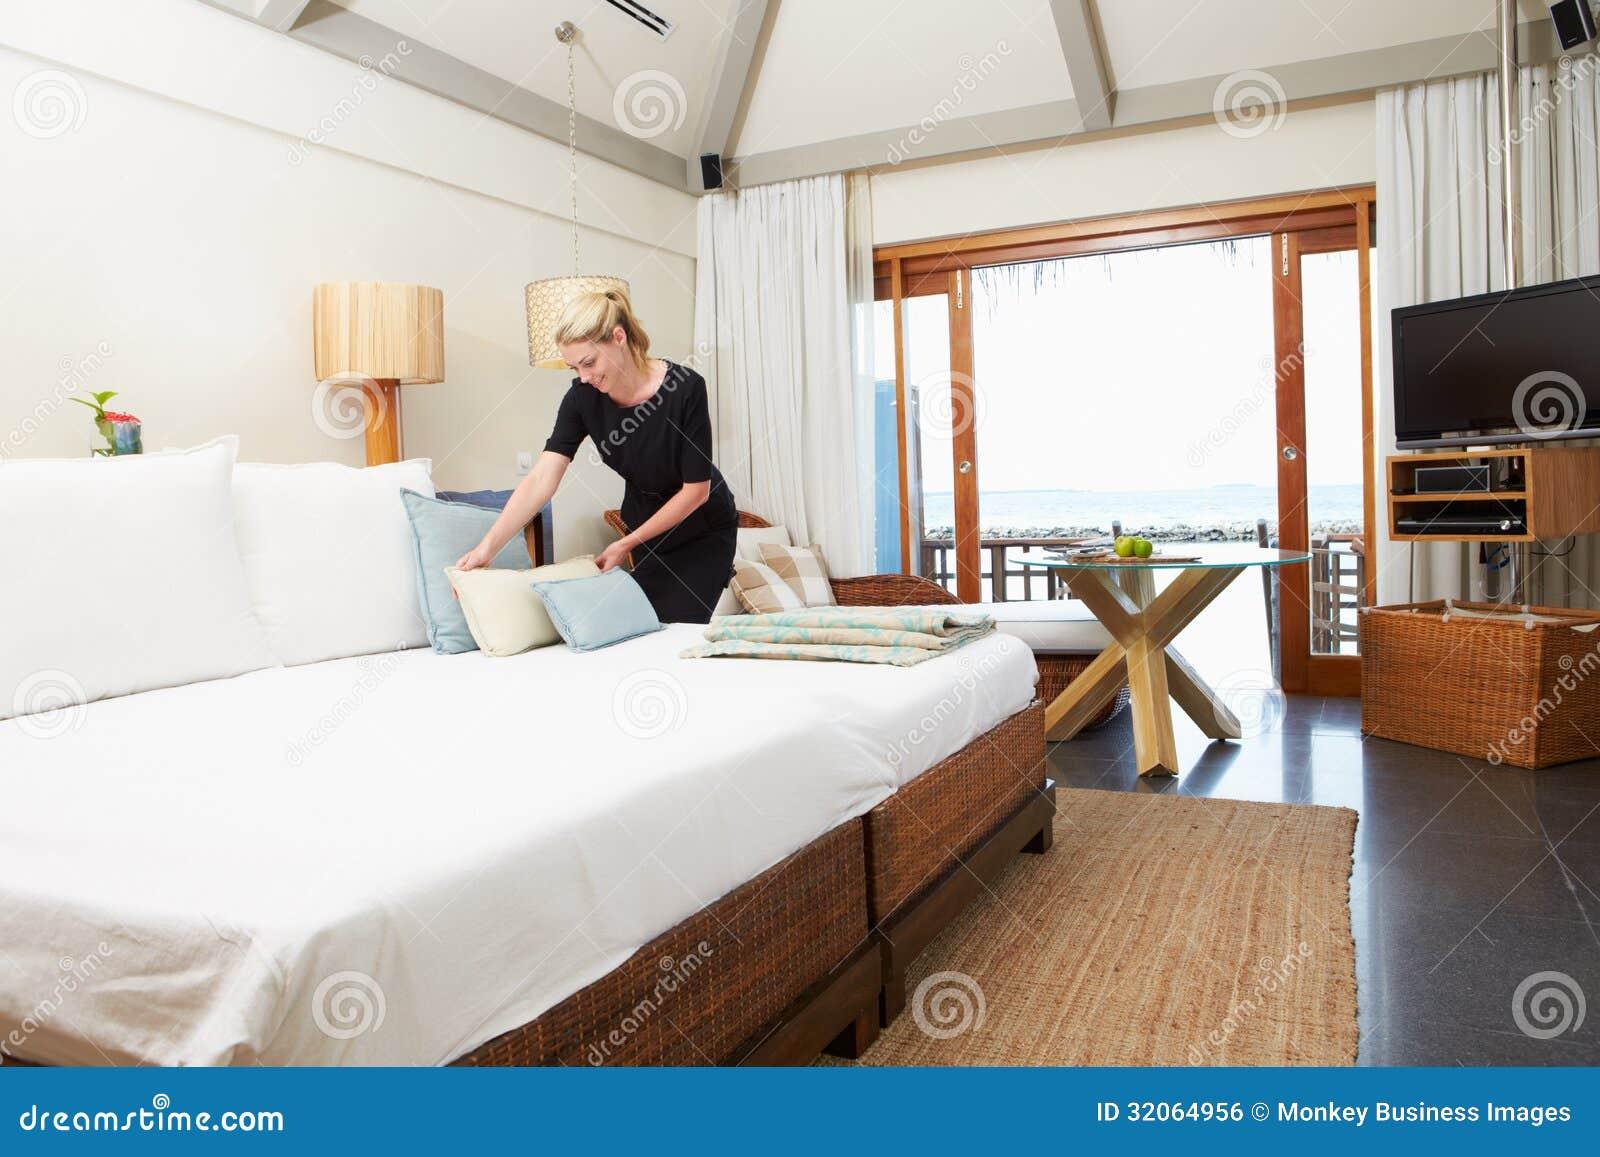 Hotelkamermeisje die Gastbed maken